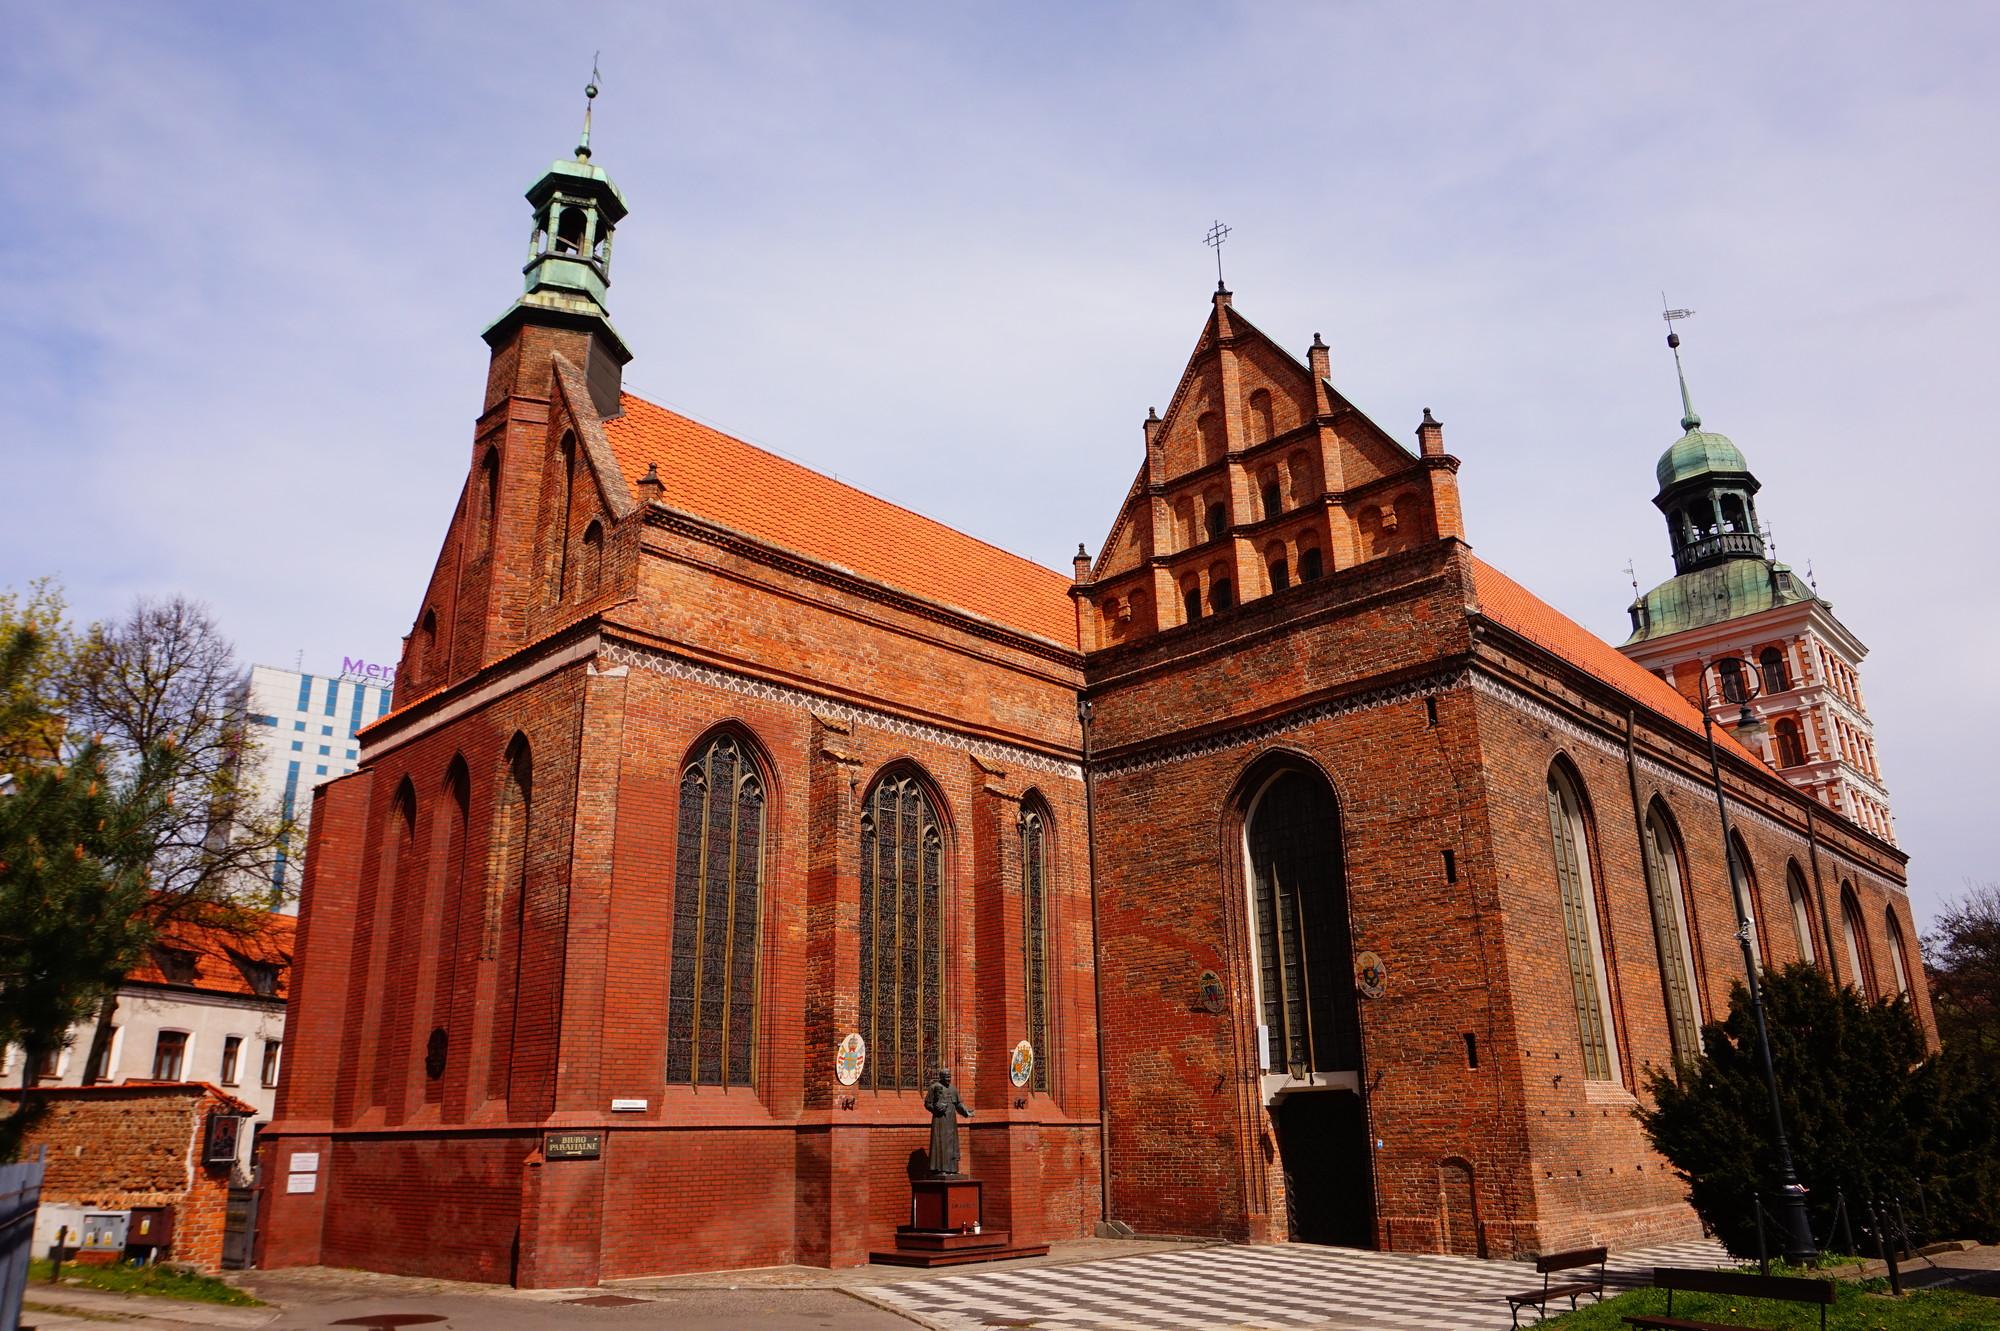 St Birgitta